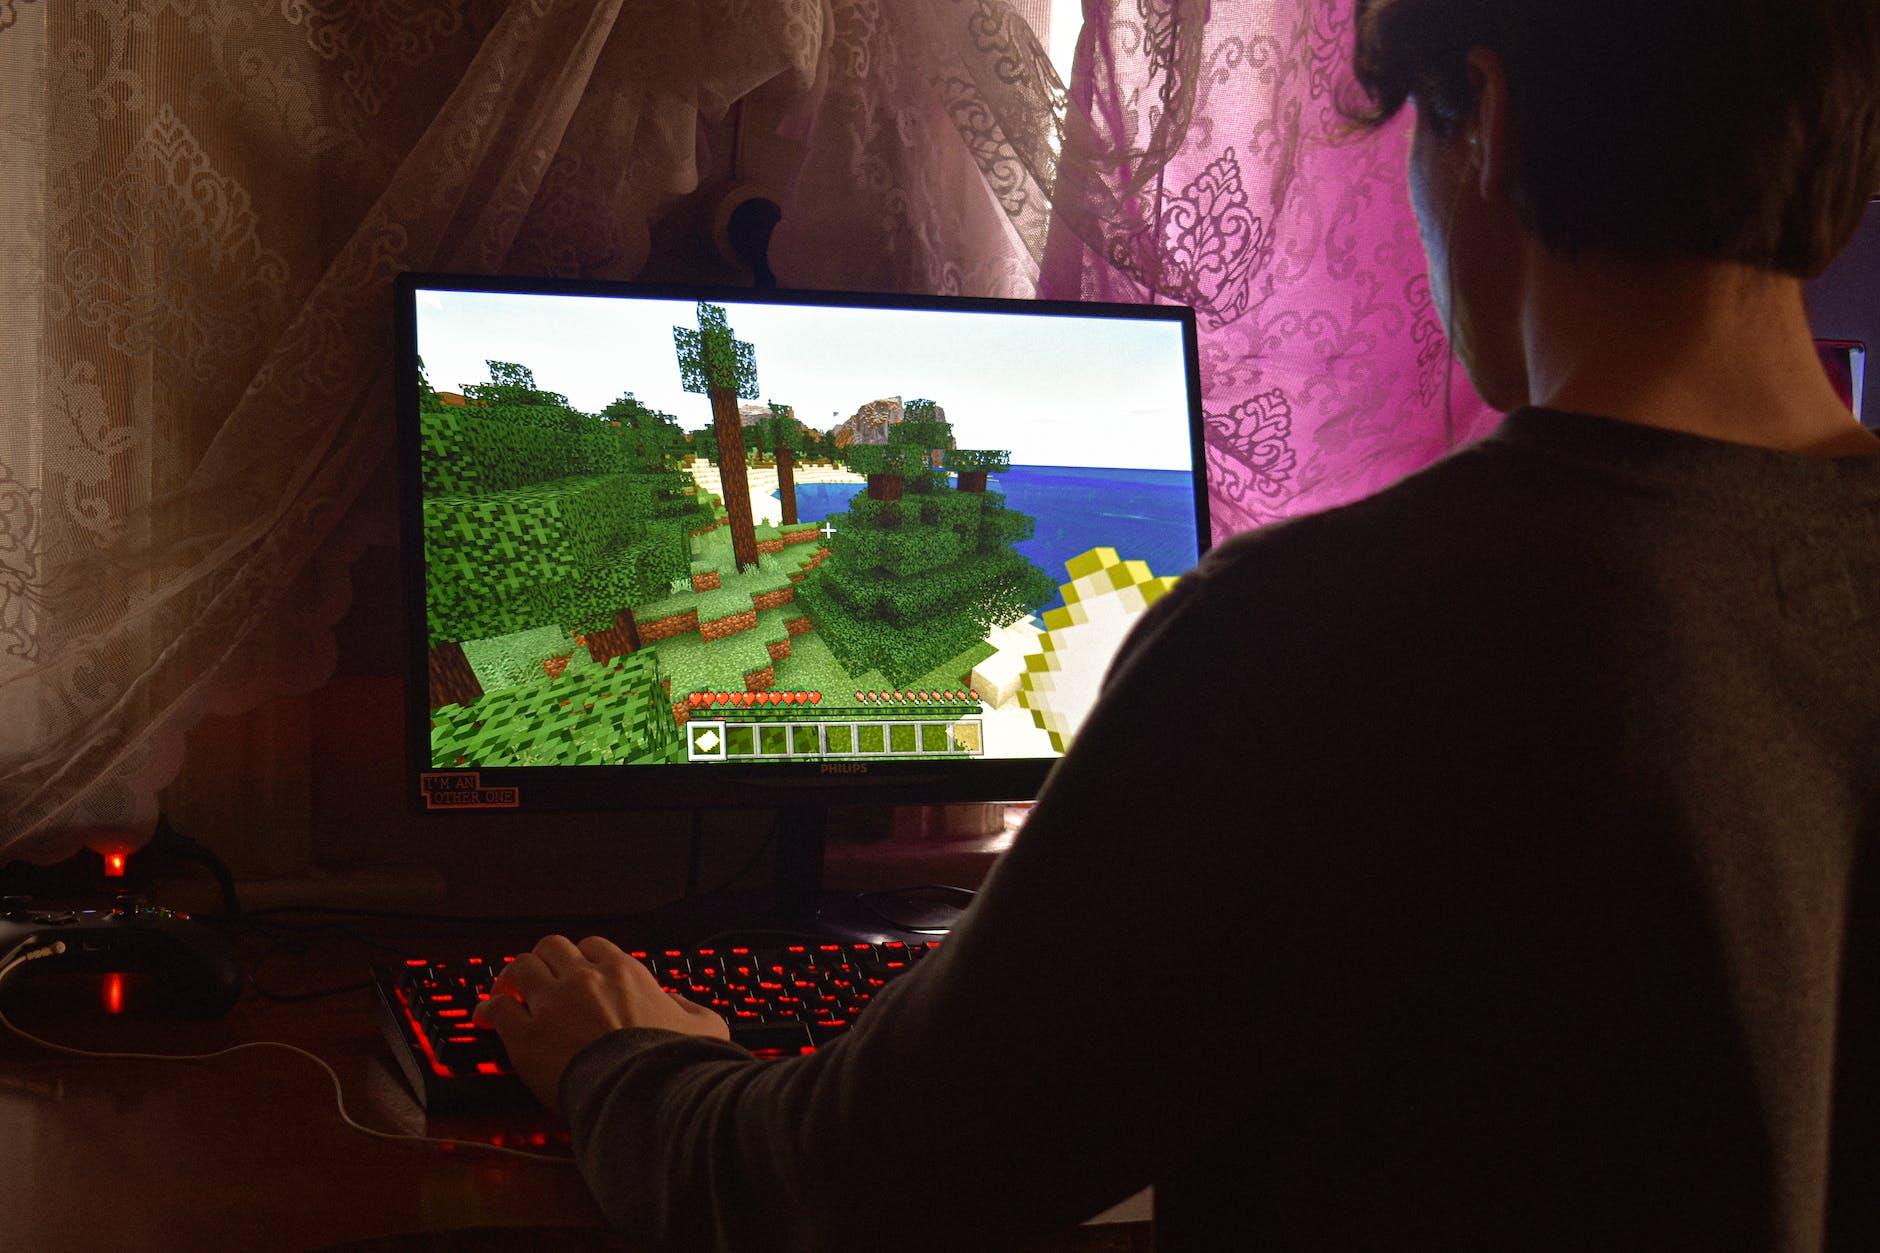 Smurfing gaming